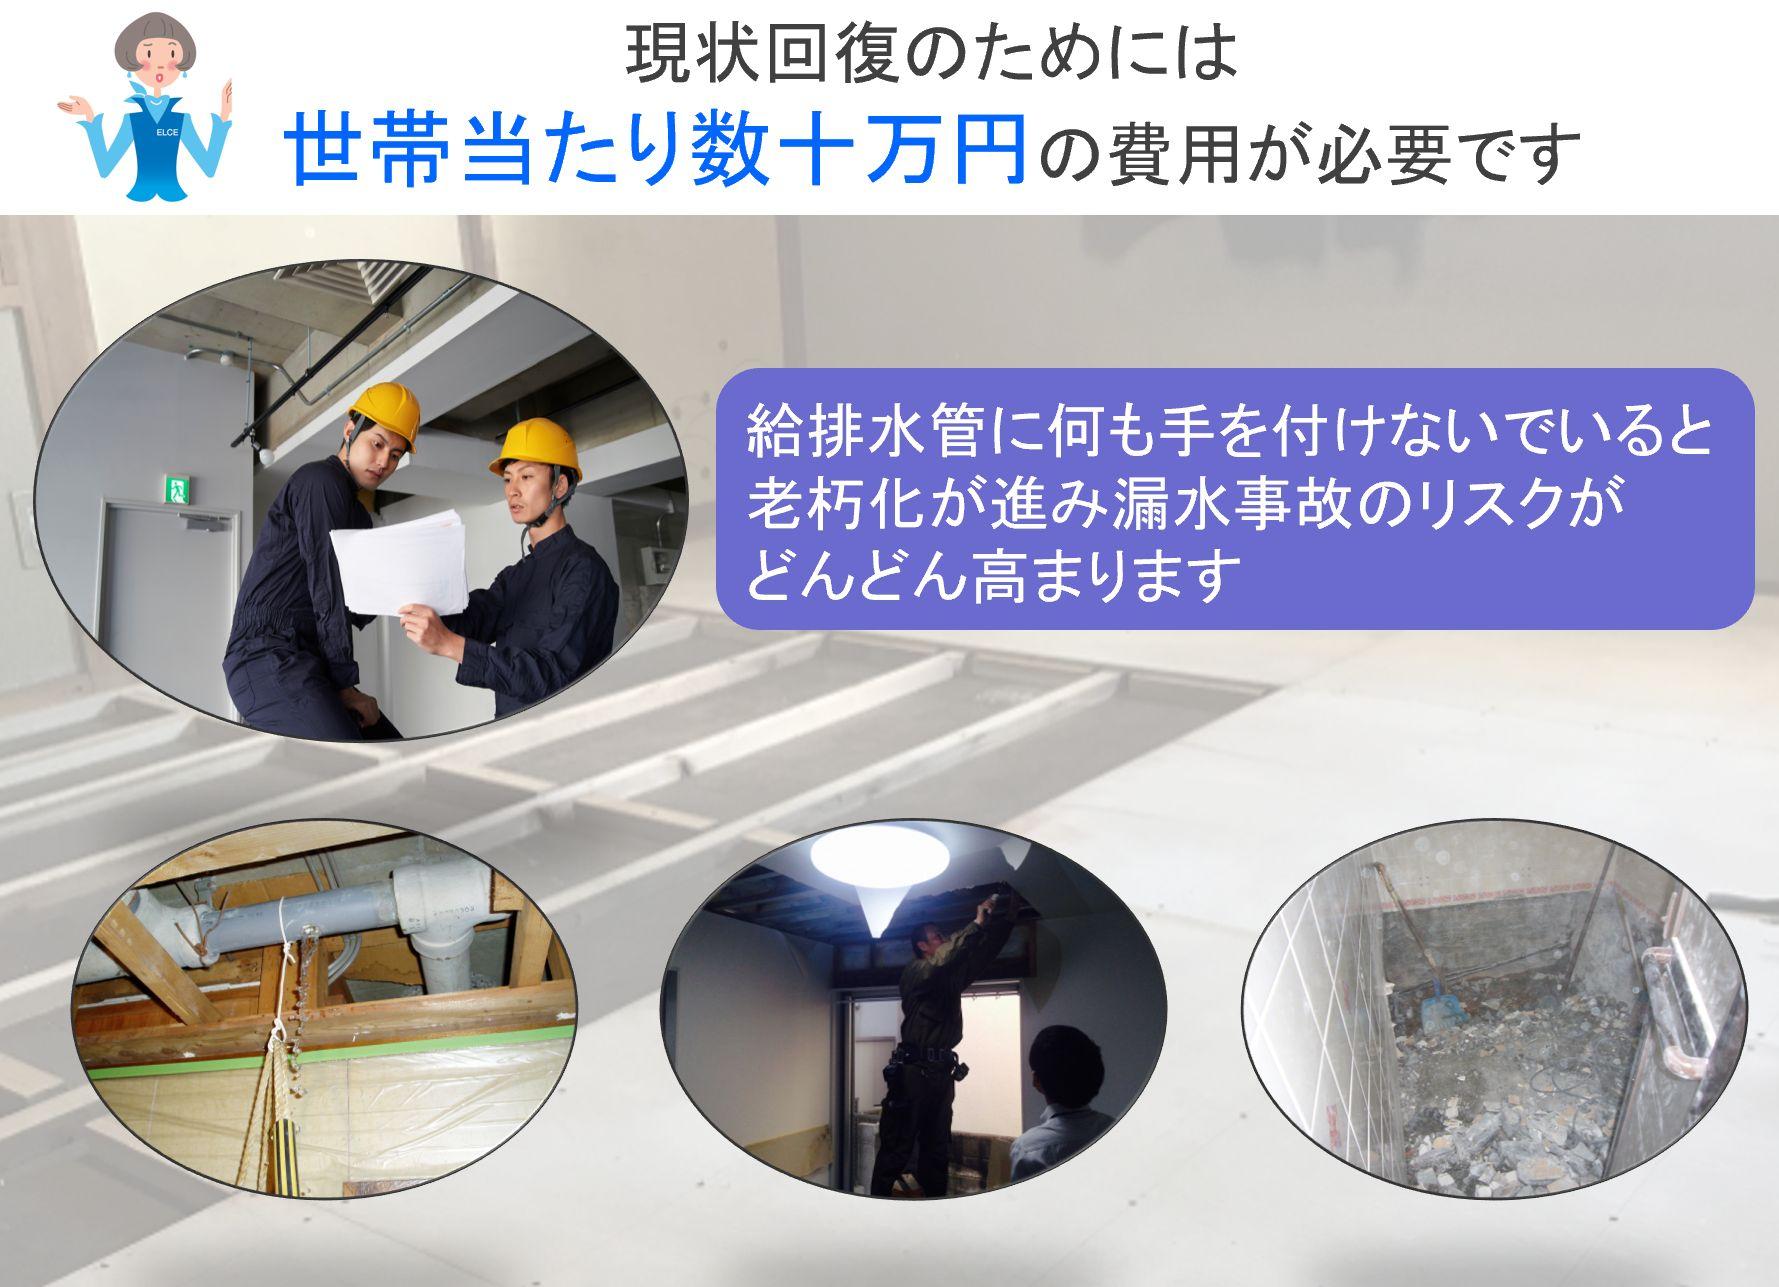 現状回復のためには 世帯当たり数十万円の費用が必要です